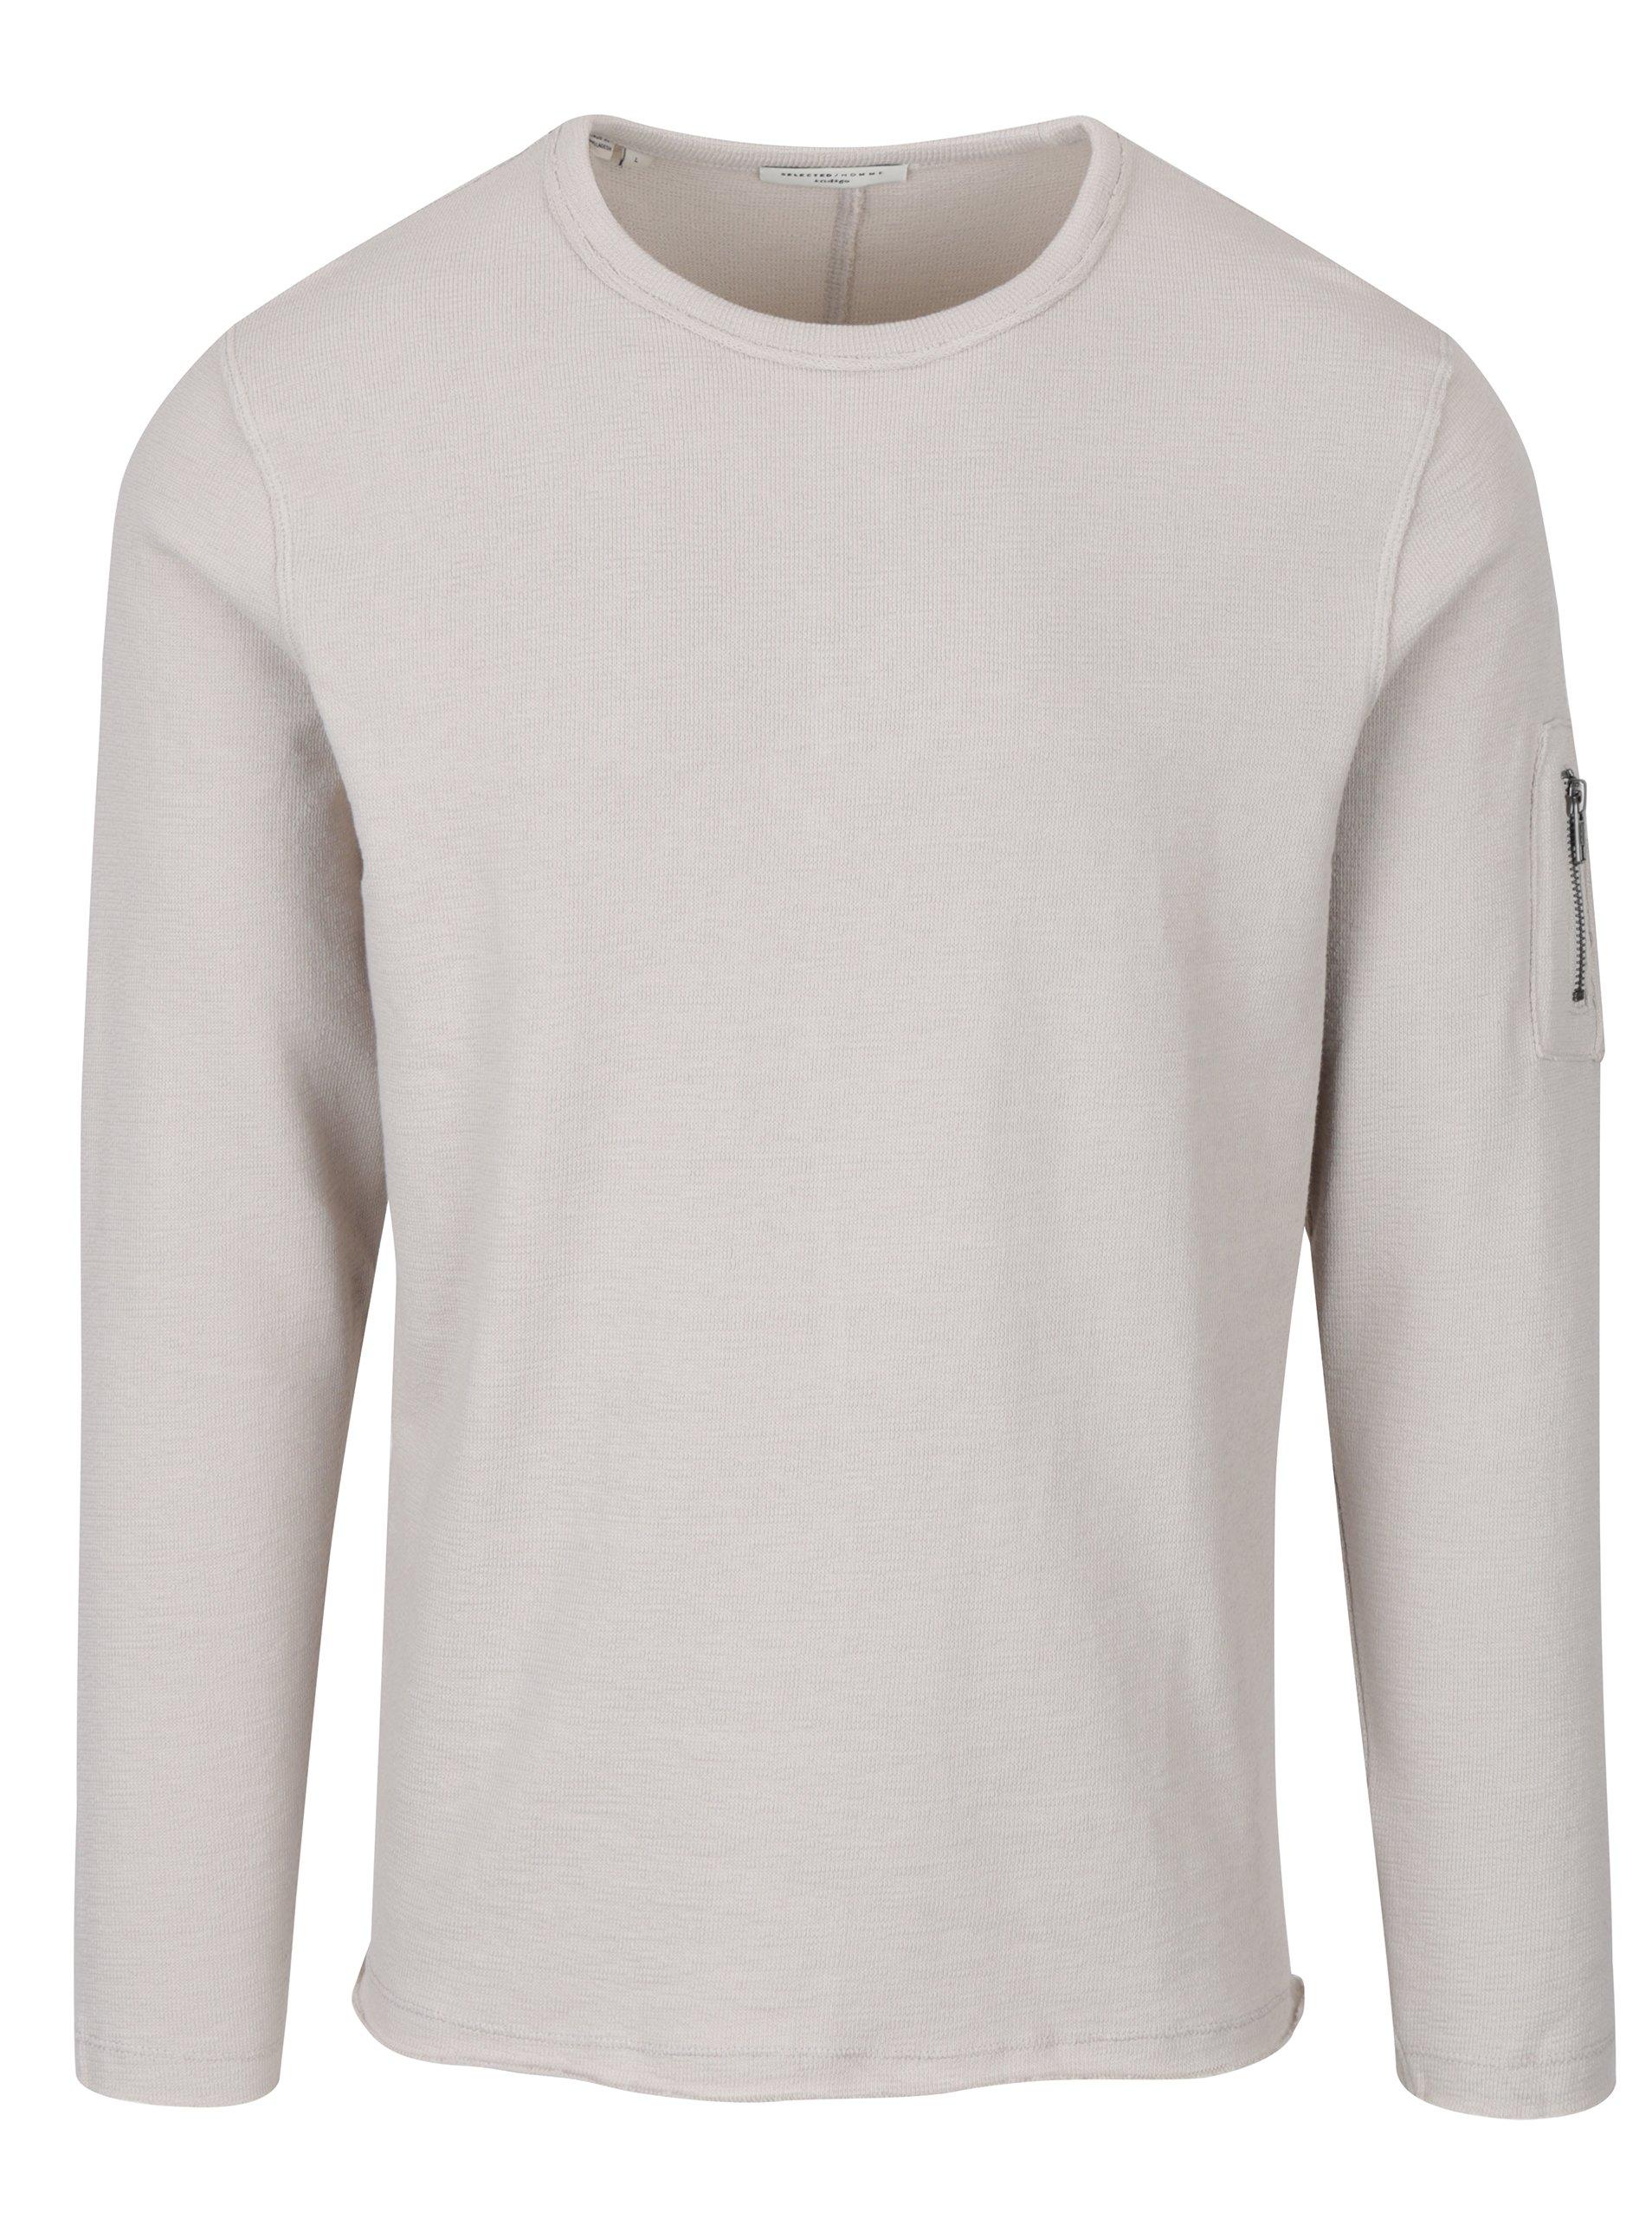 Béžové tričko s dlouhým rukávem Selected Homme Daniel